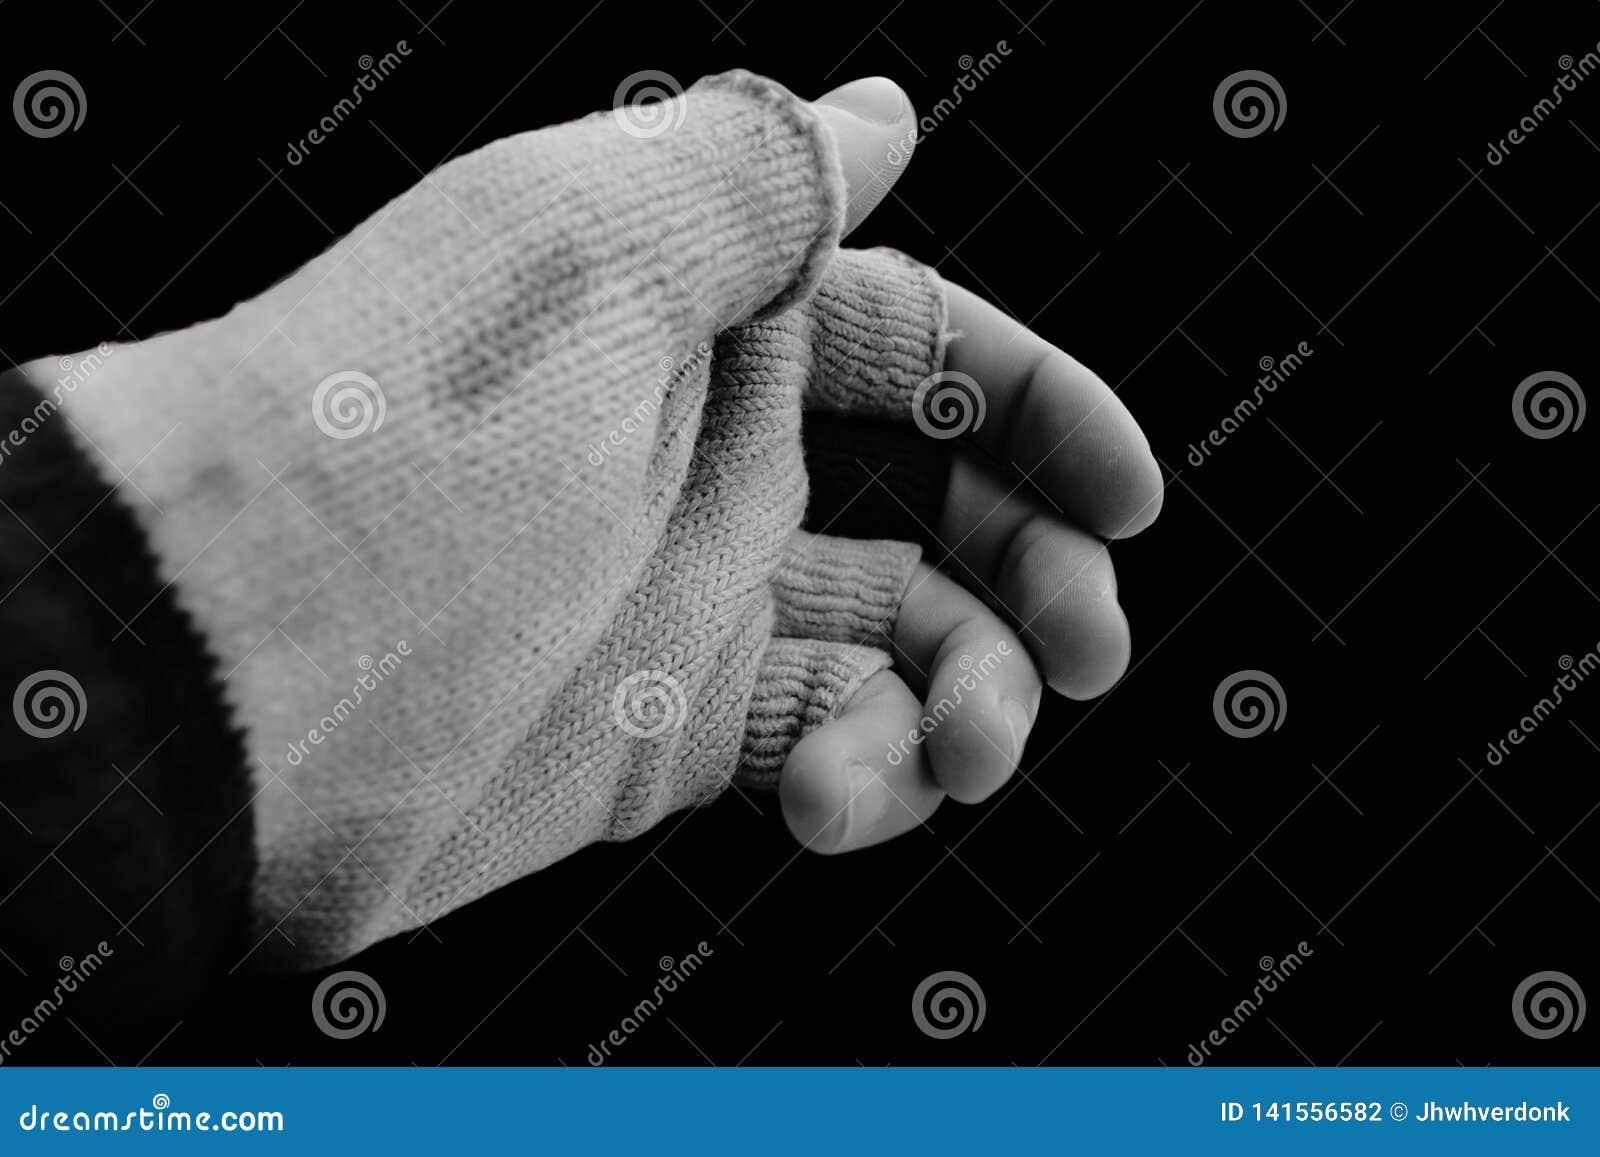 A mão com luva velha que falta o dedo cobre em um fundo preto e em preto e branco